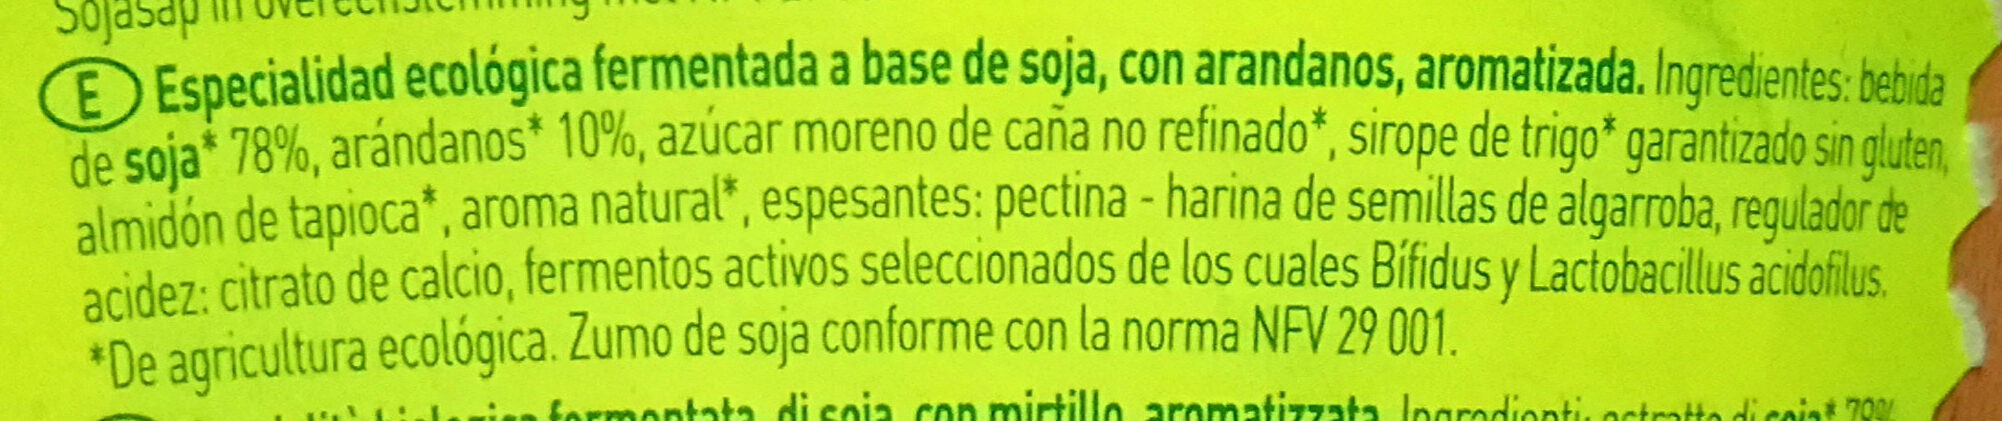 Sojade Soja Spezialität Heidelbeere - Ingredientes - es